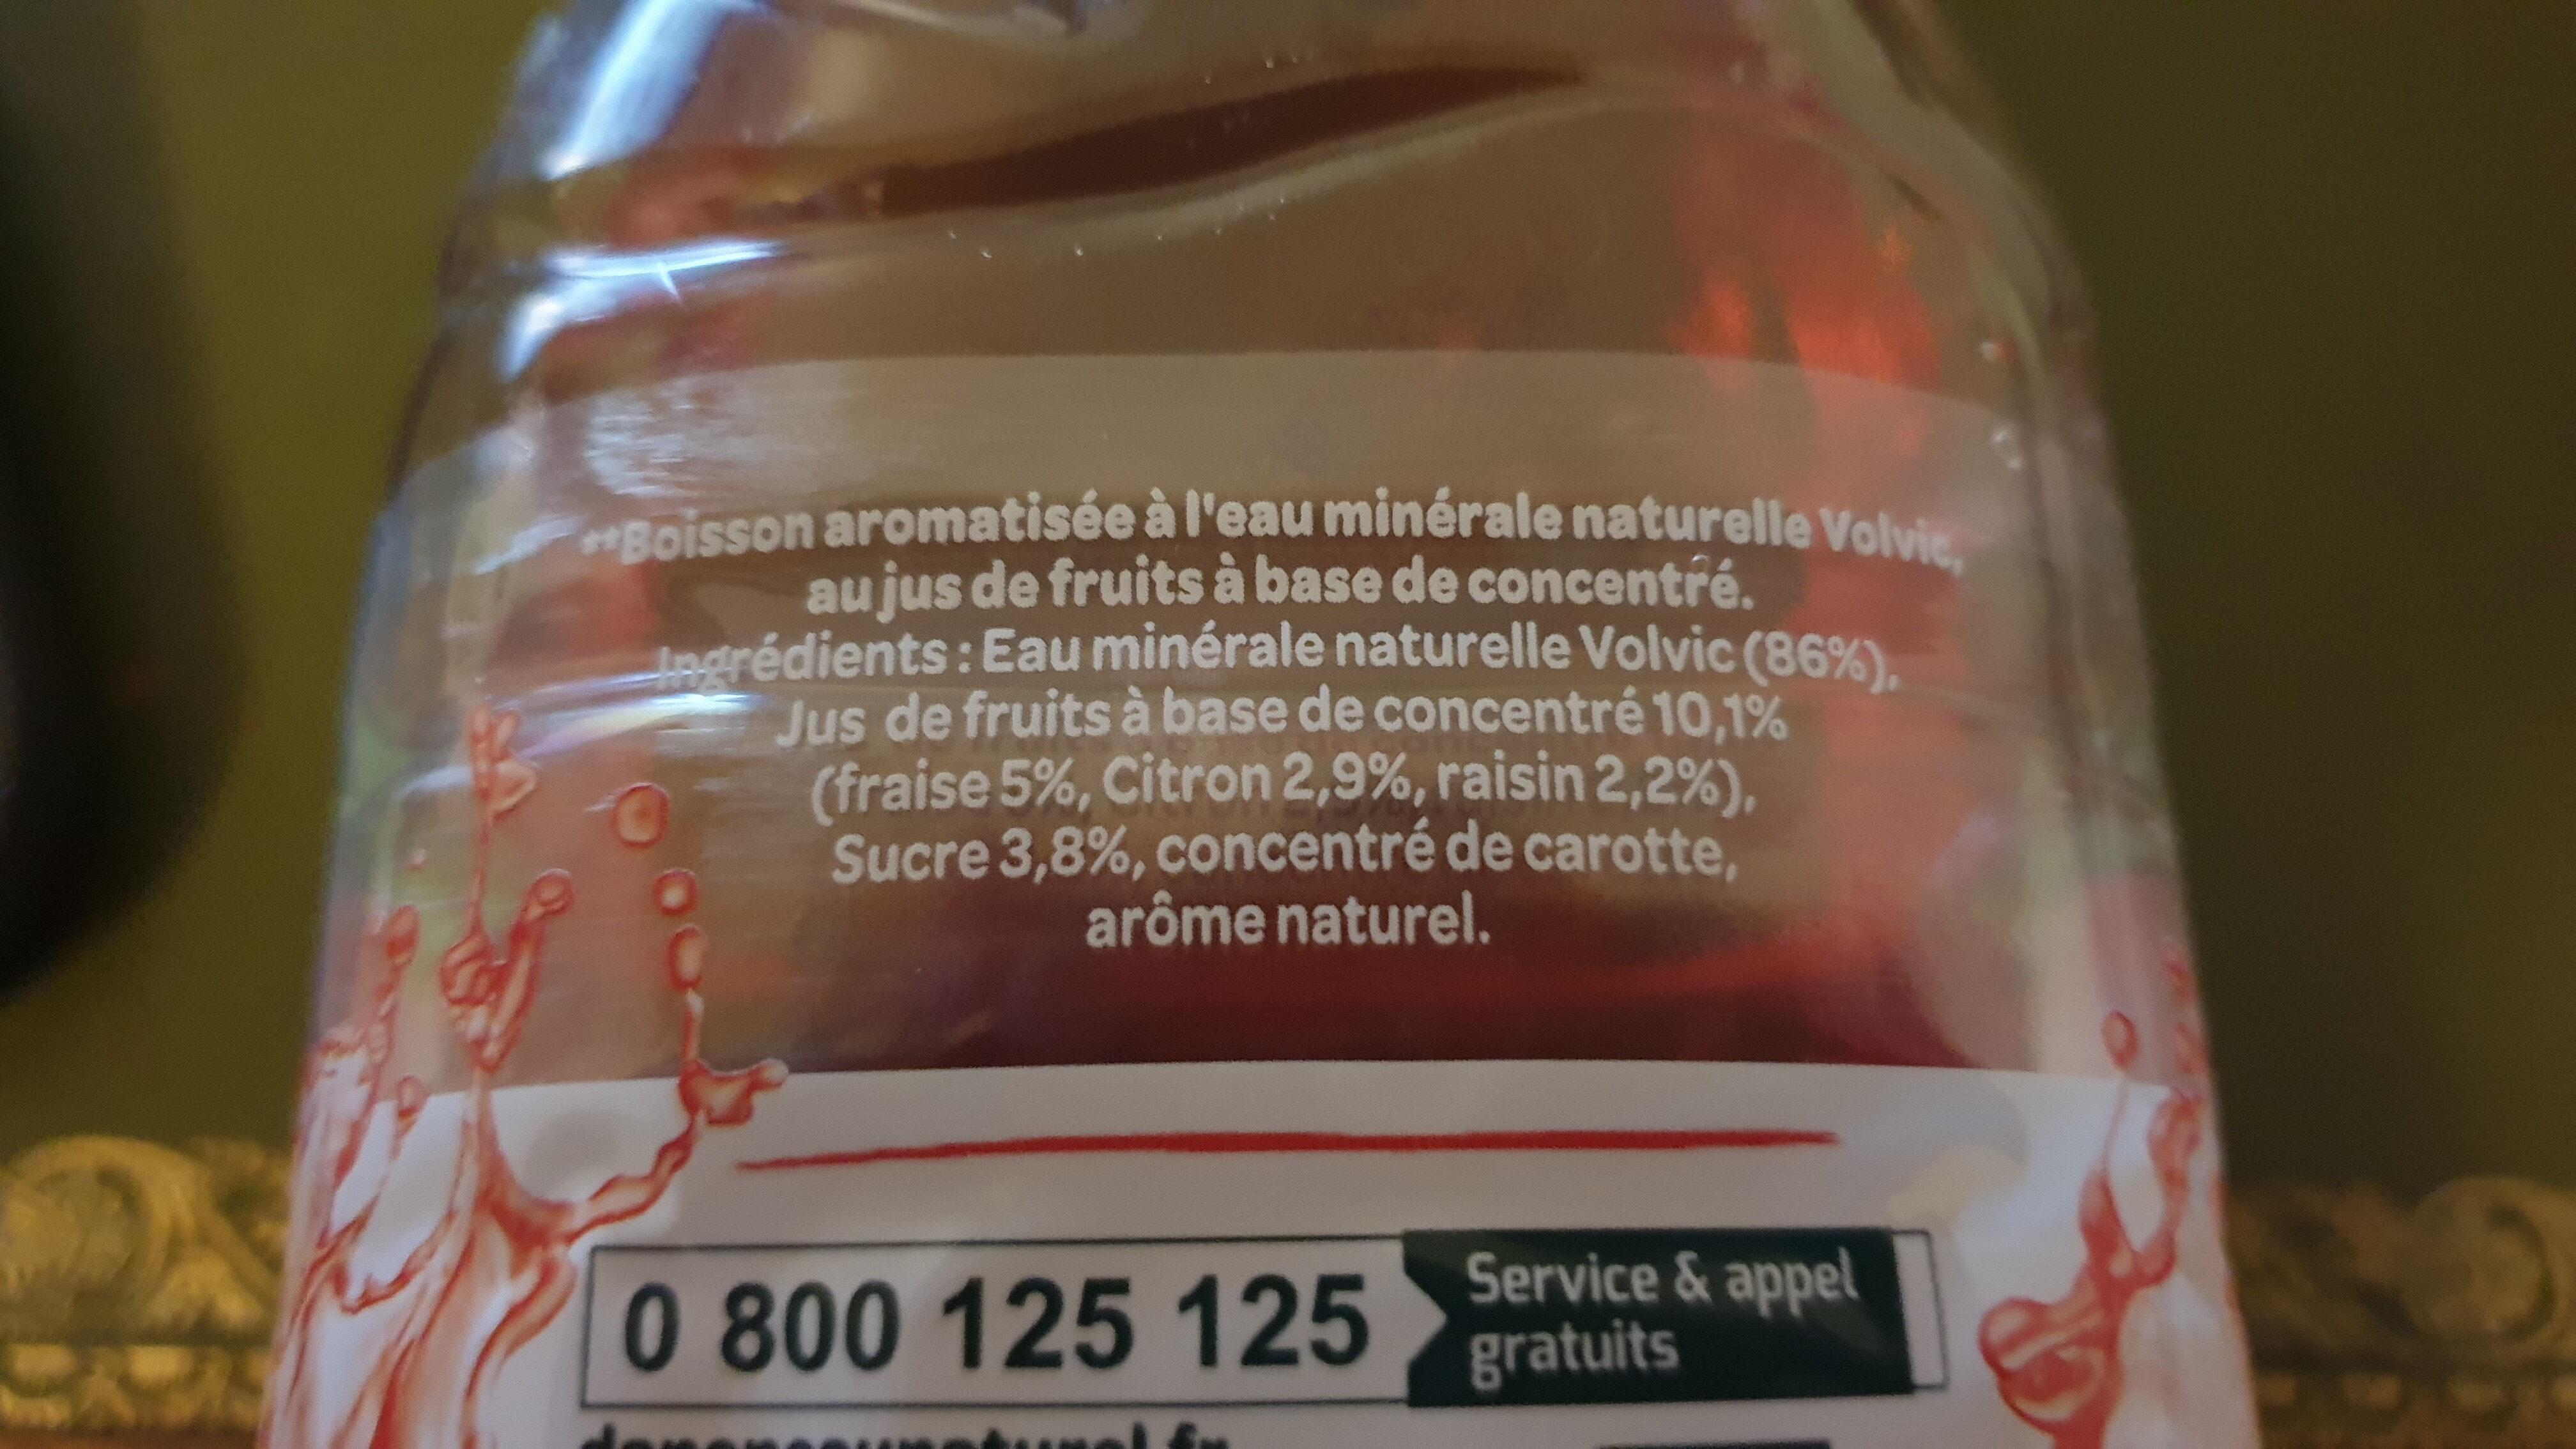 Volvic Juicy fraise - Ingrédients